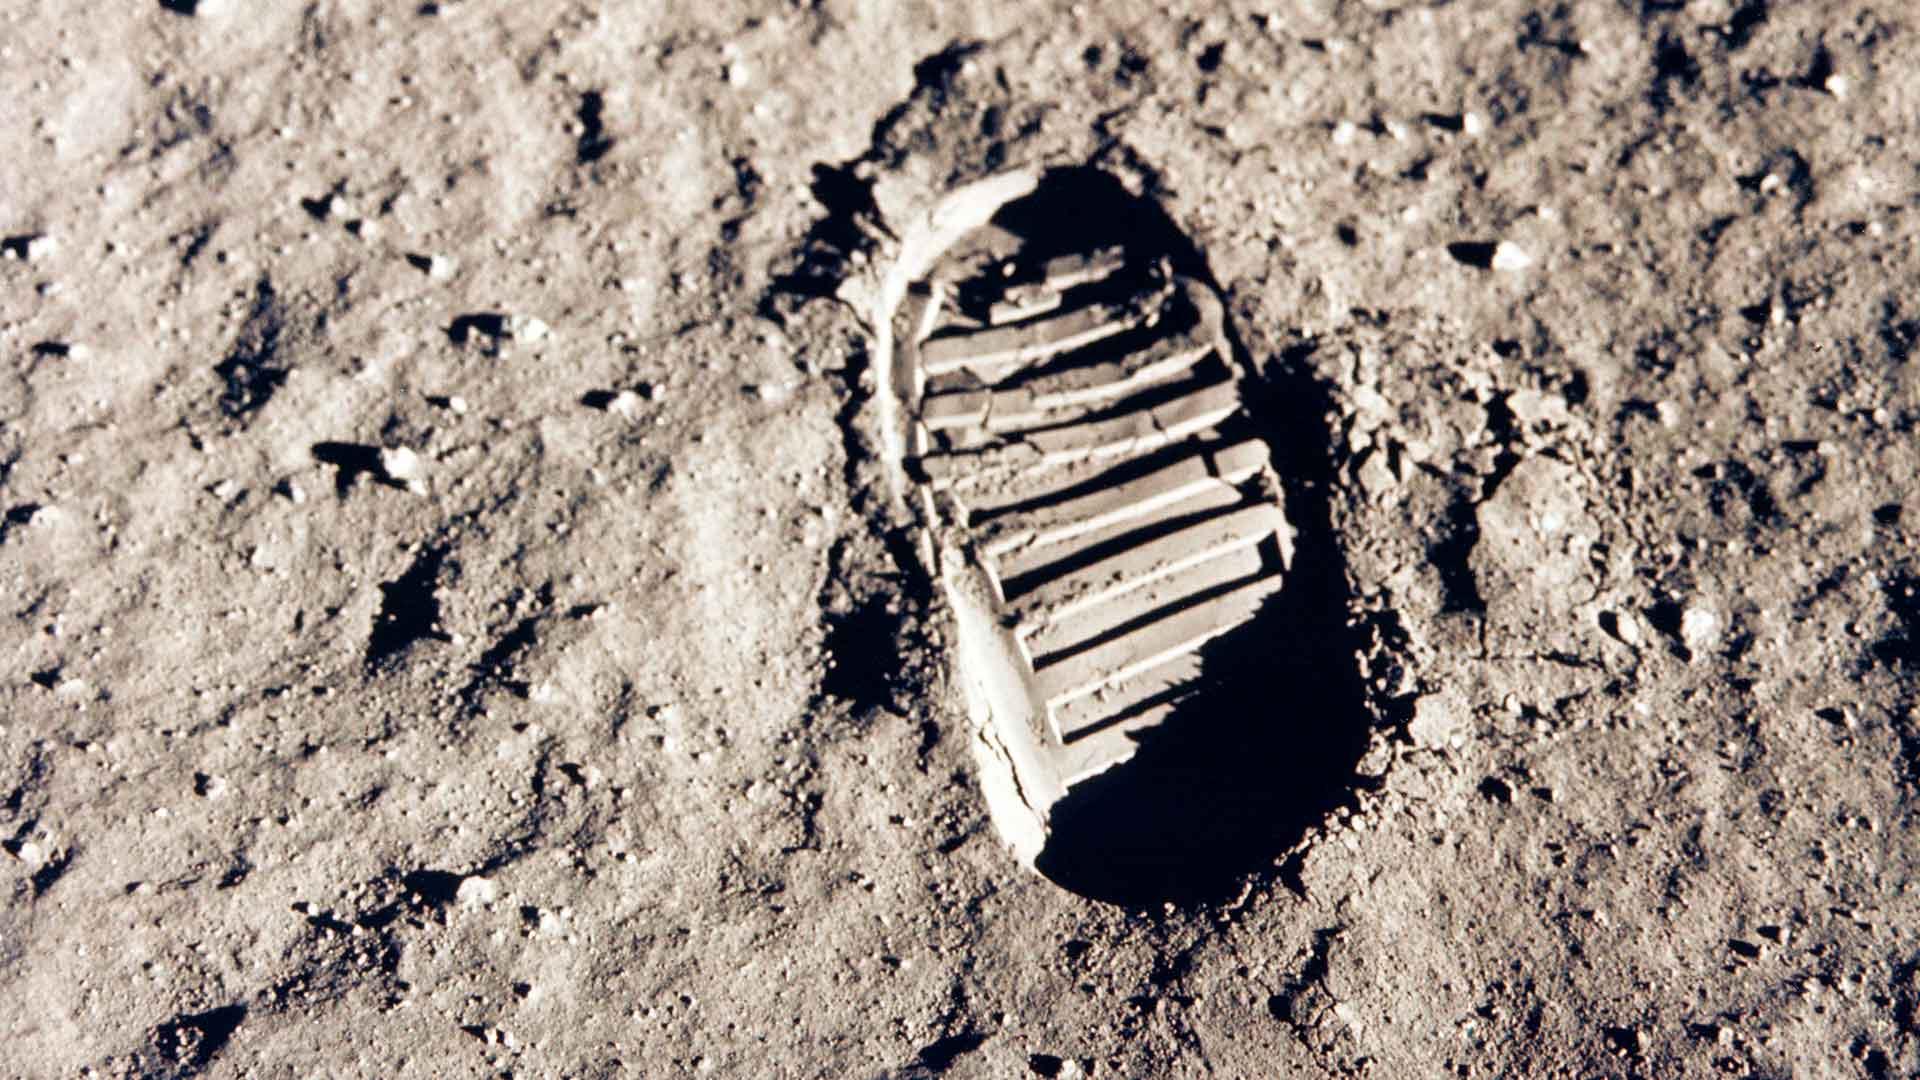 Petjada de l'astronauta Buzz Aldrin sobre la Lluna